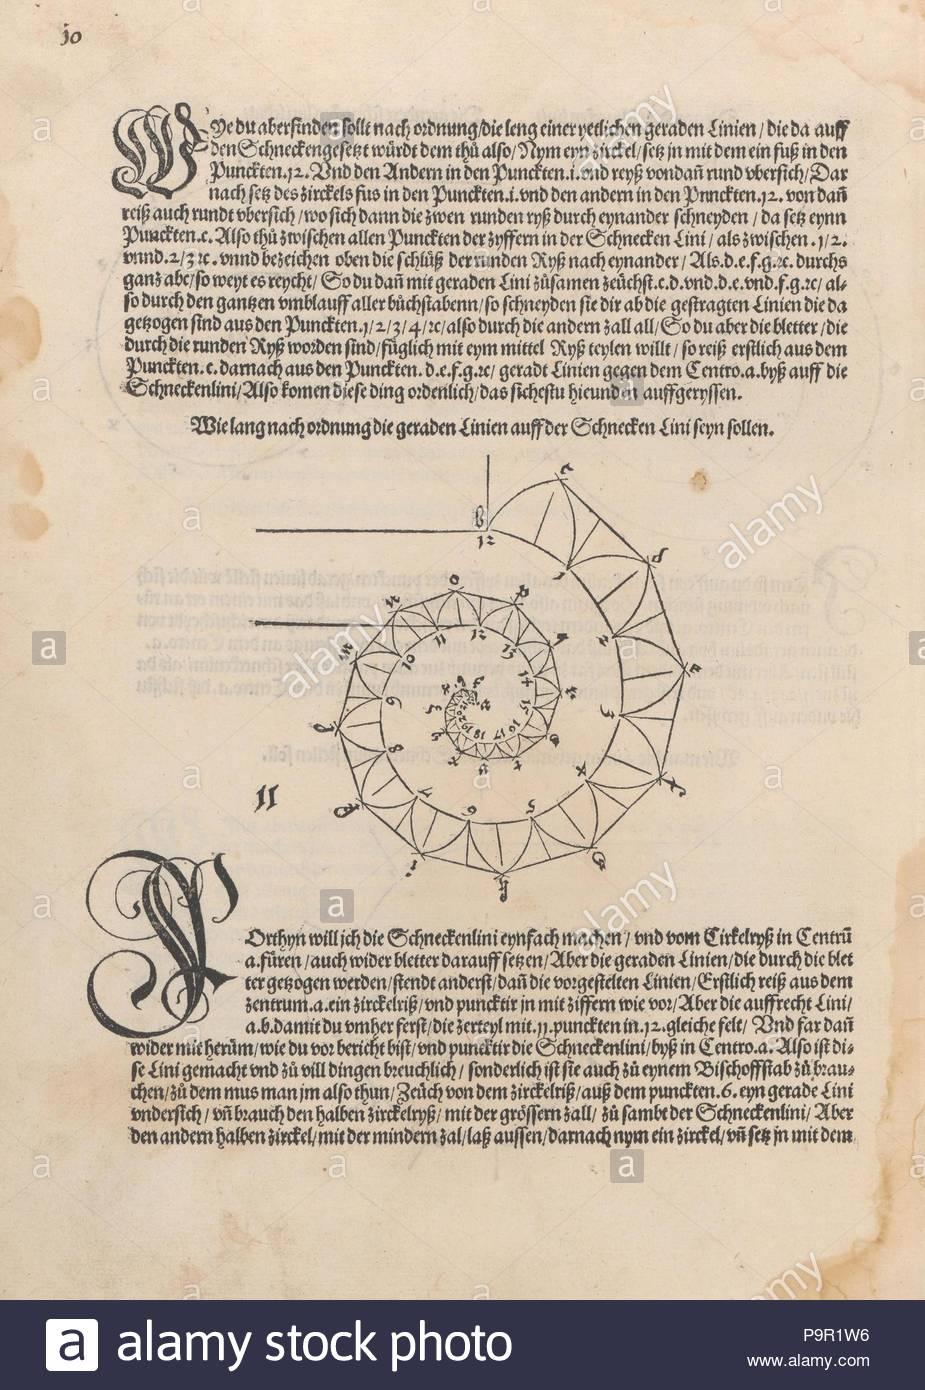 """Underweysung der Messung mit dem zirckel un-richt scheyt, 1525, Holzschnitt, Insgesamt: 11 x 8 5/16 x 15/16 in. (28 x 21.1 x 2.4 cm), Bücher, Albrecht Dürer (Deutsch, Nürnberg 1471 - 1528 Nürnberg), gegen Ende der Dürers Leben veröffentlicht, Traktat über die Messung (1525) beabsichtigt war, wie der Künstler in seiner Einführung erklärt, """"nicht nur für Maler, sondern auch für Goldschmiede, Bildhauer, Steinmetze, Tischler, und alle, denen über Messung ist nützlich. Stockbild"""